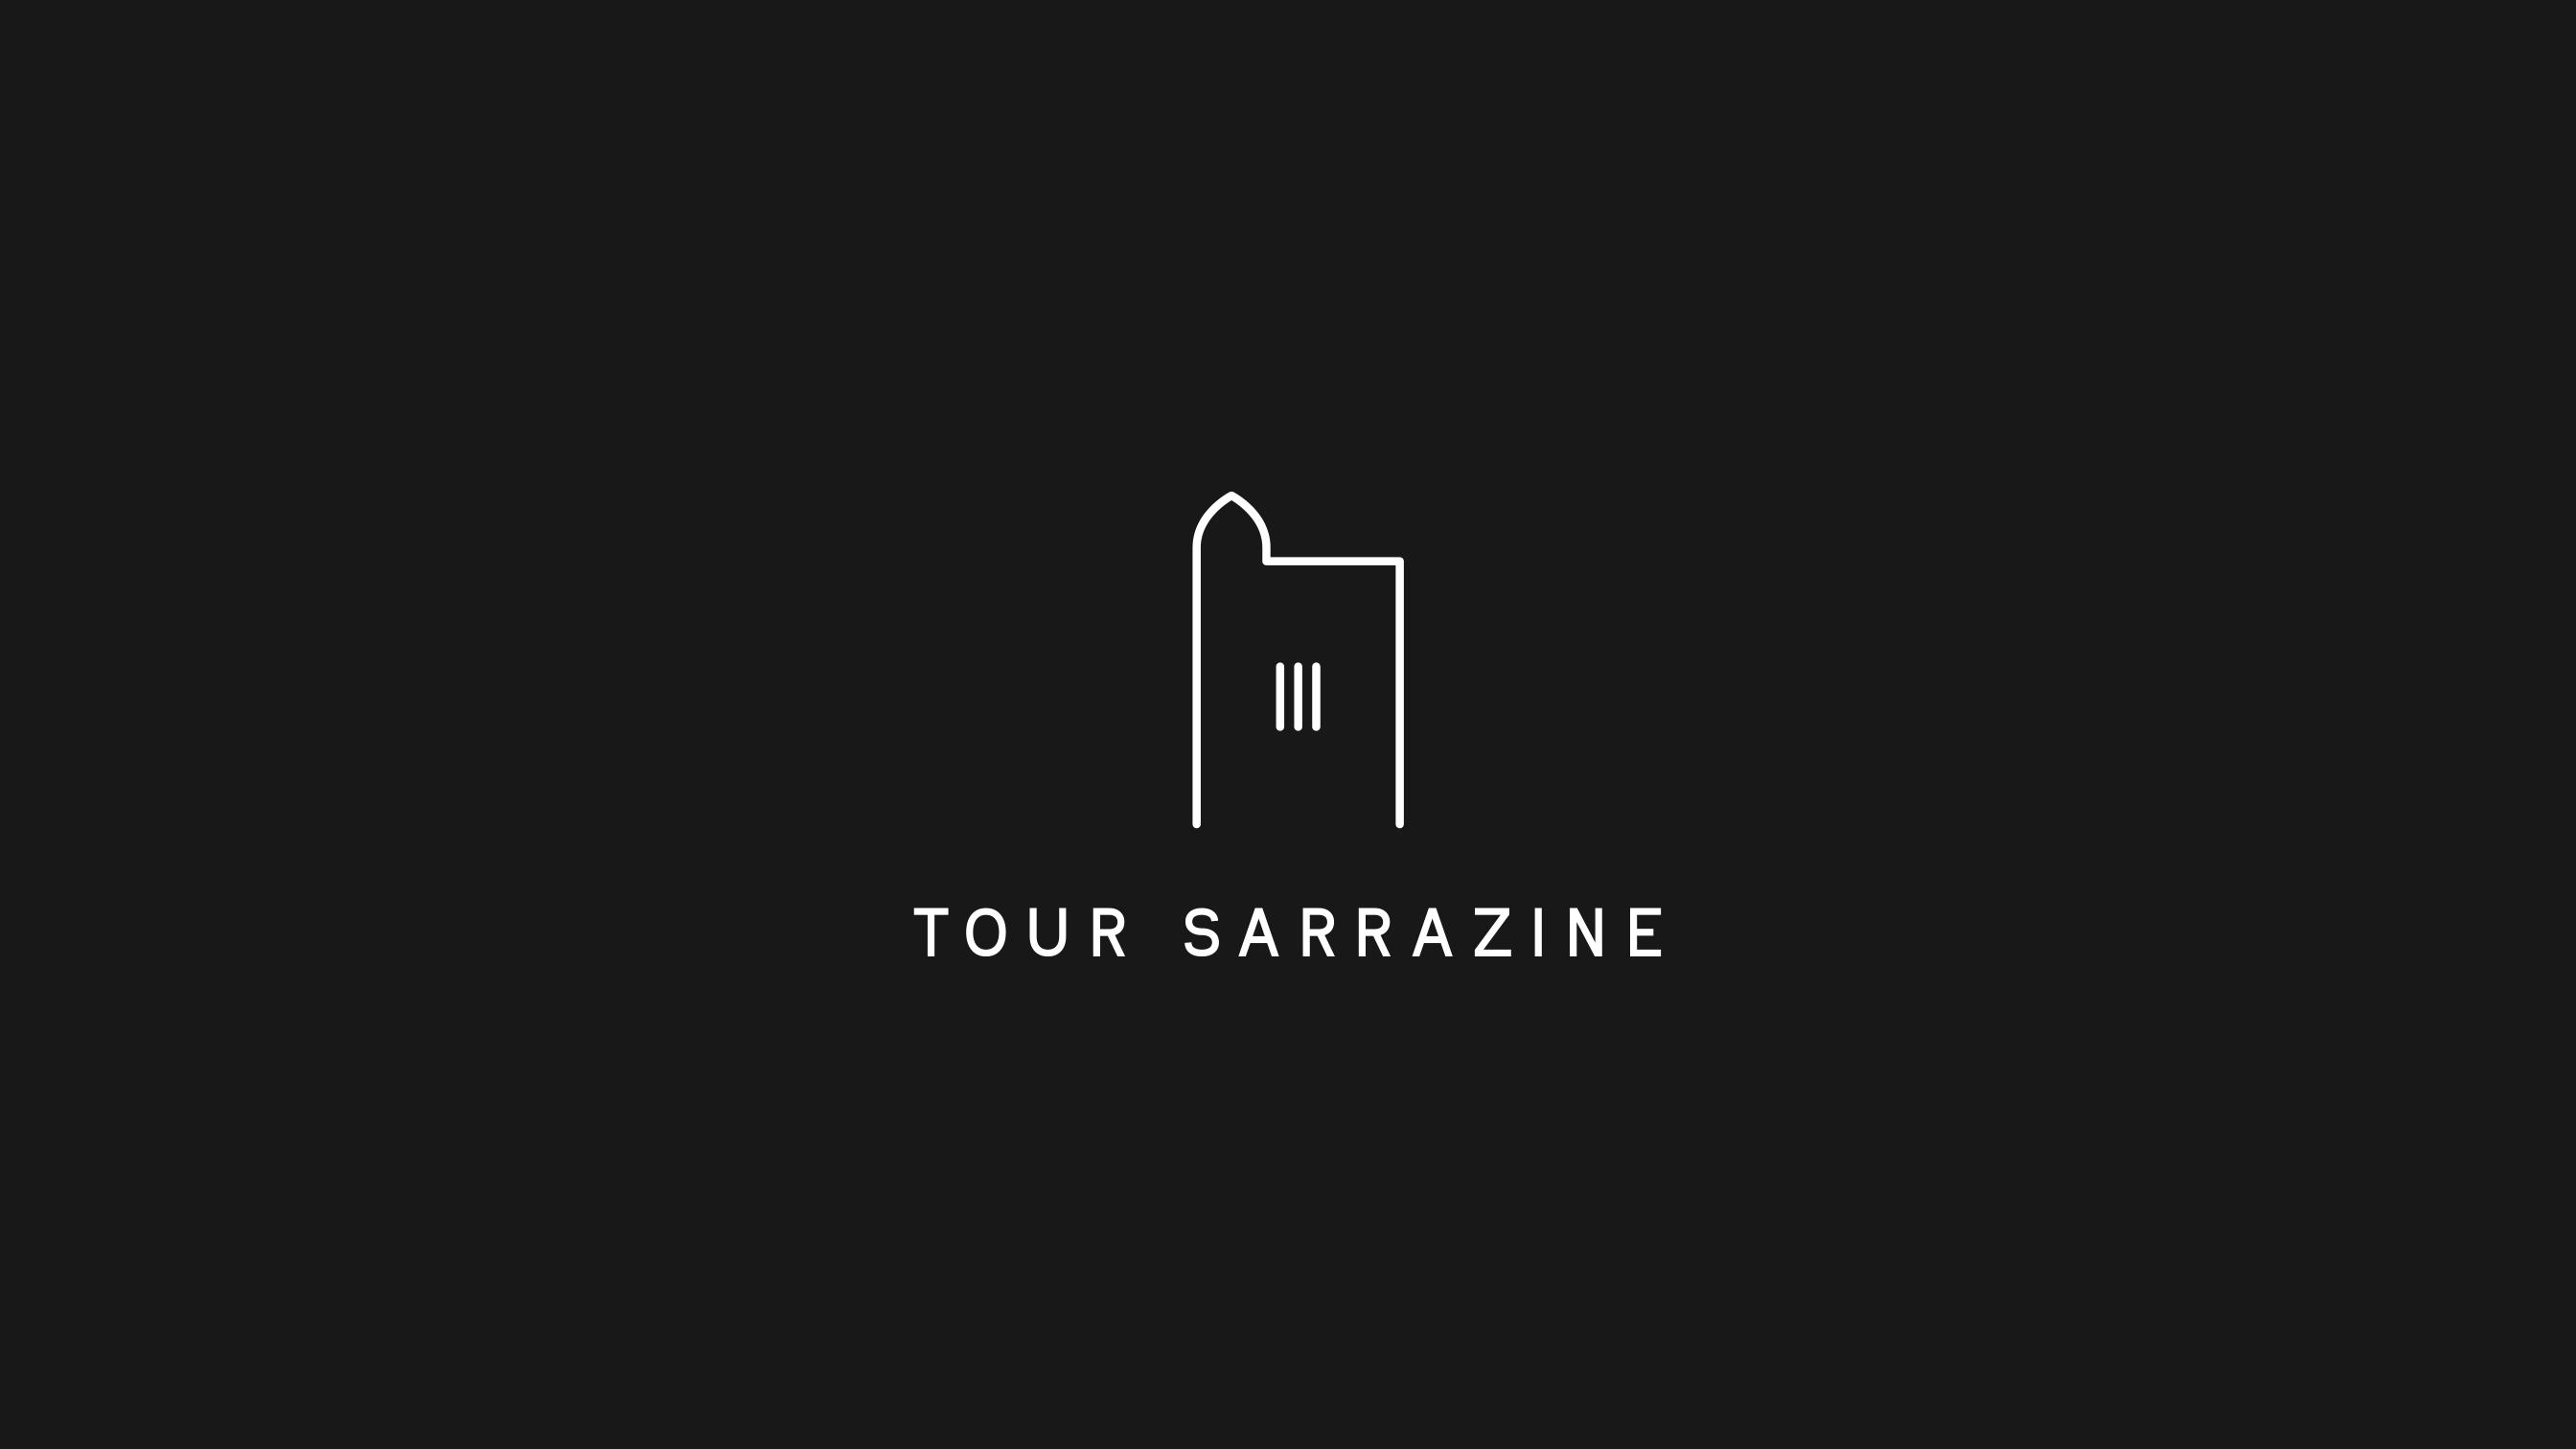 showcase-logotype-tour